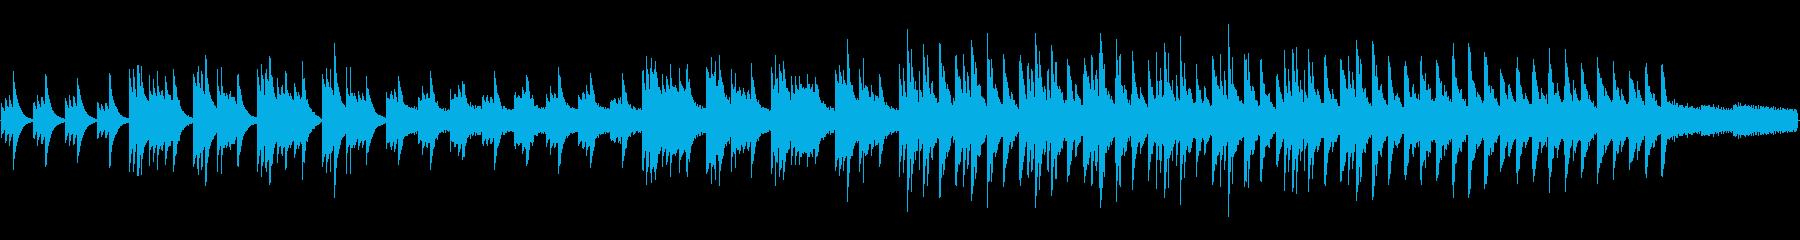 気ままなスローライフのBGMの再生済みの波形